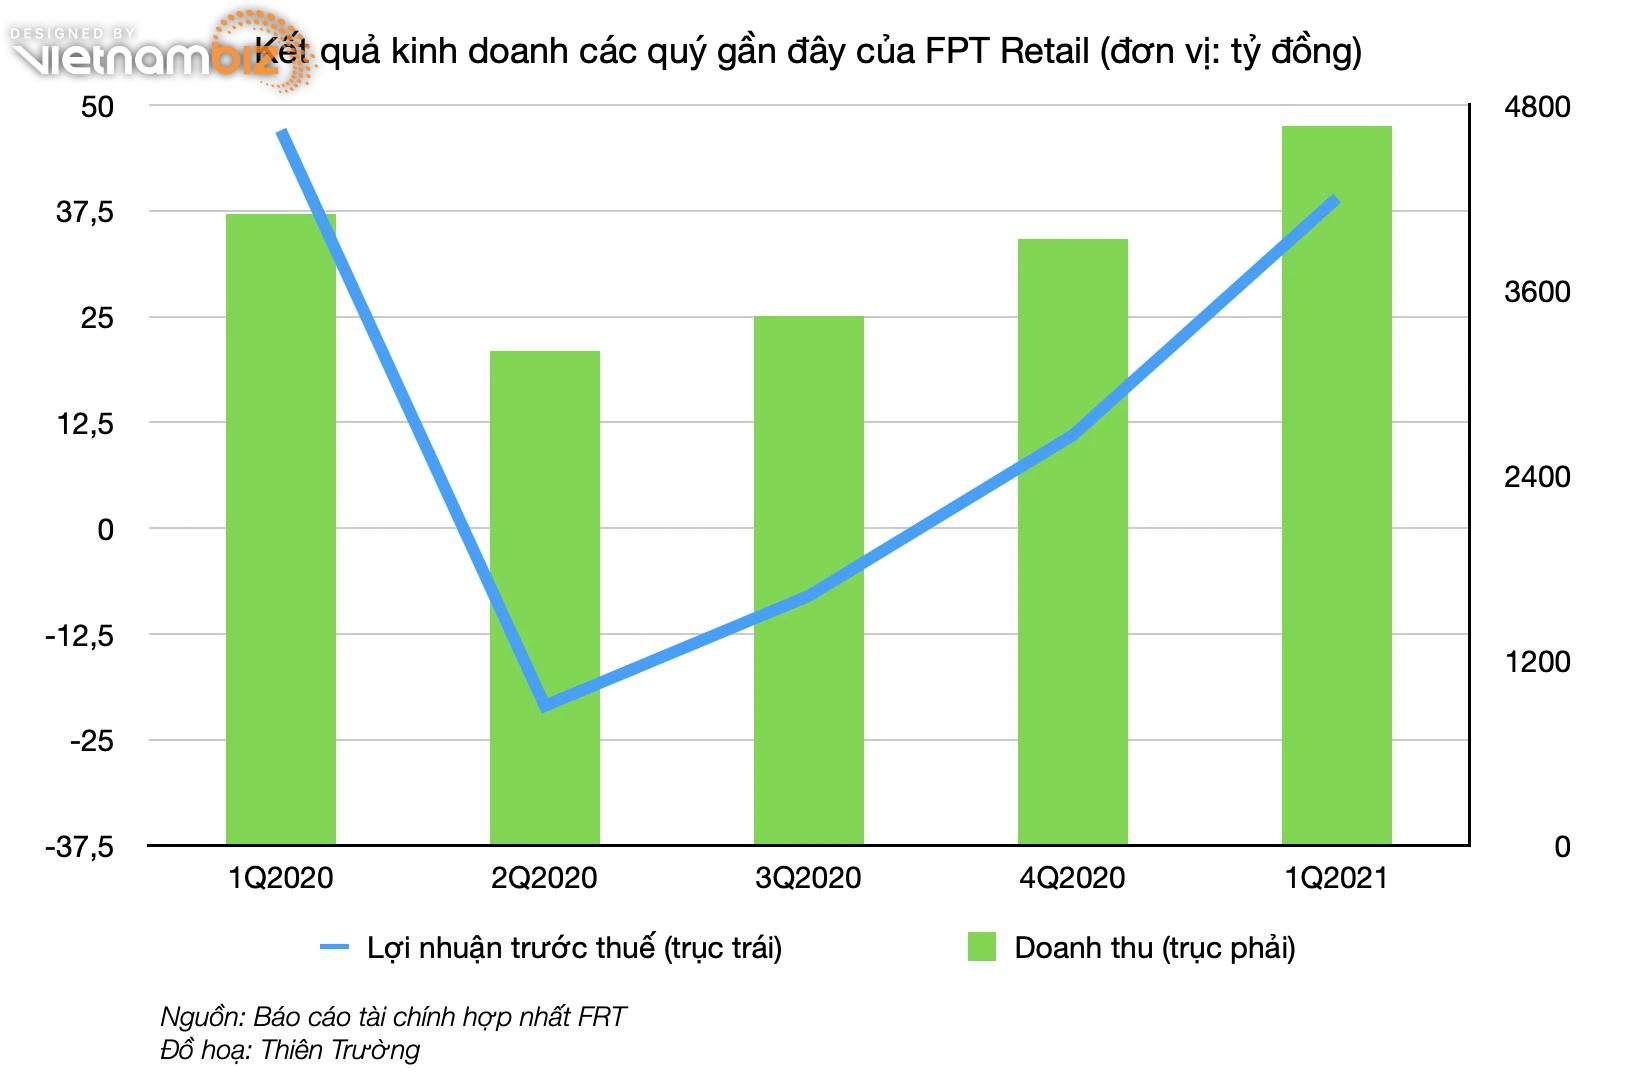 FPT Retail muốn chuỗi Long Châu có lãi vào cuối năm, khi mang về 582 tỷ đồng doanh thu quý I - Ảnh 2.